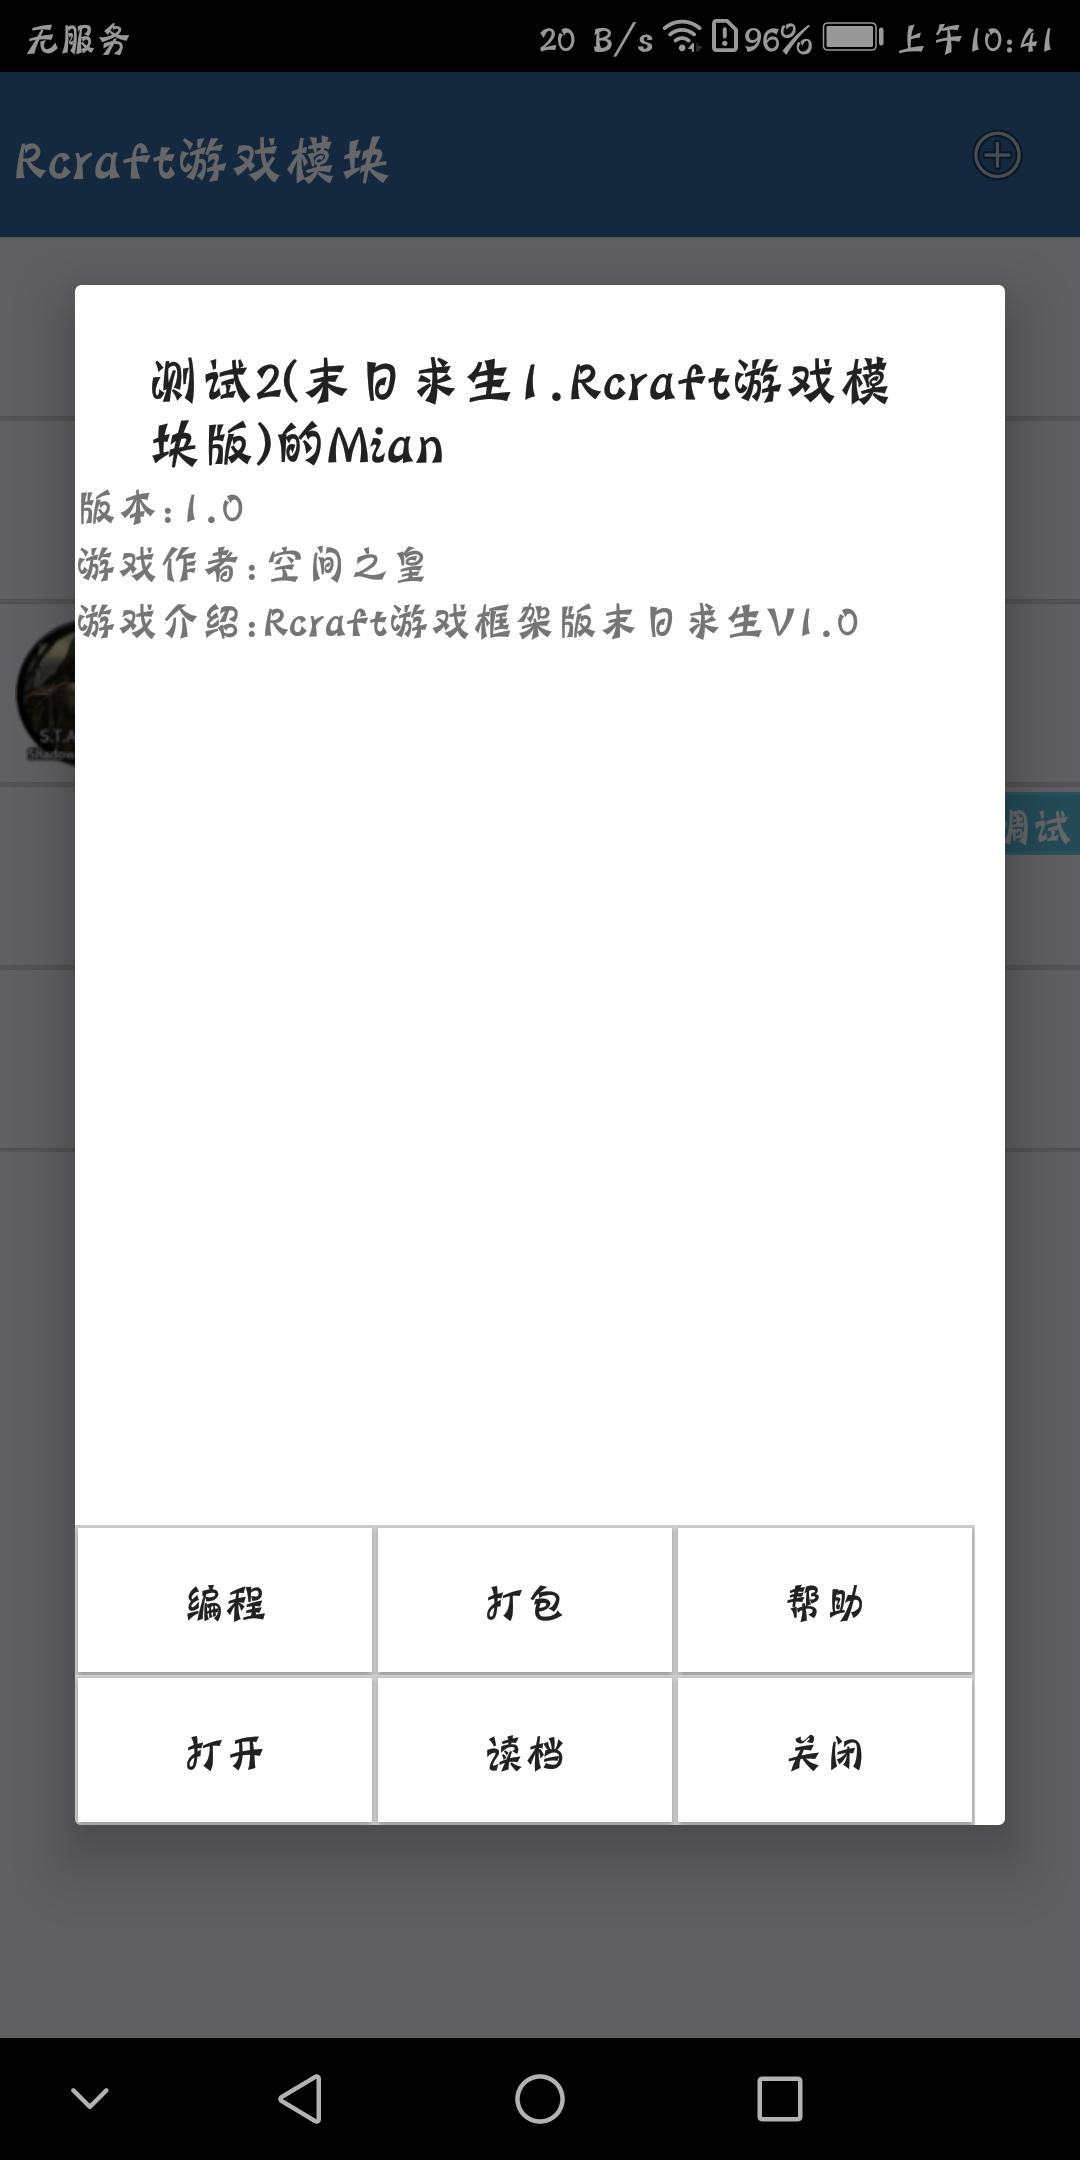 【源码发布】Rcraft文字游戏引擎v1.0插图1